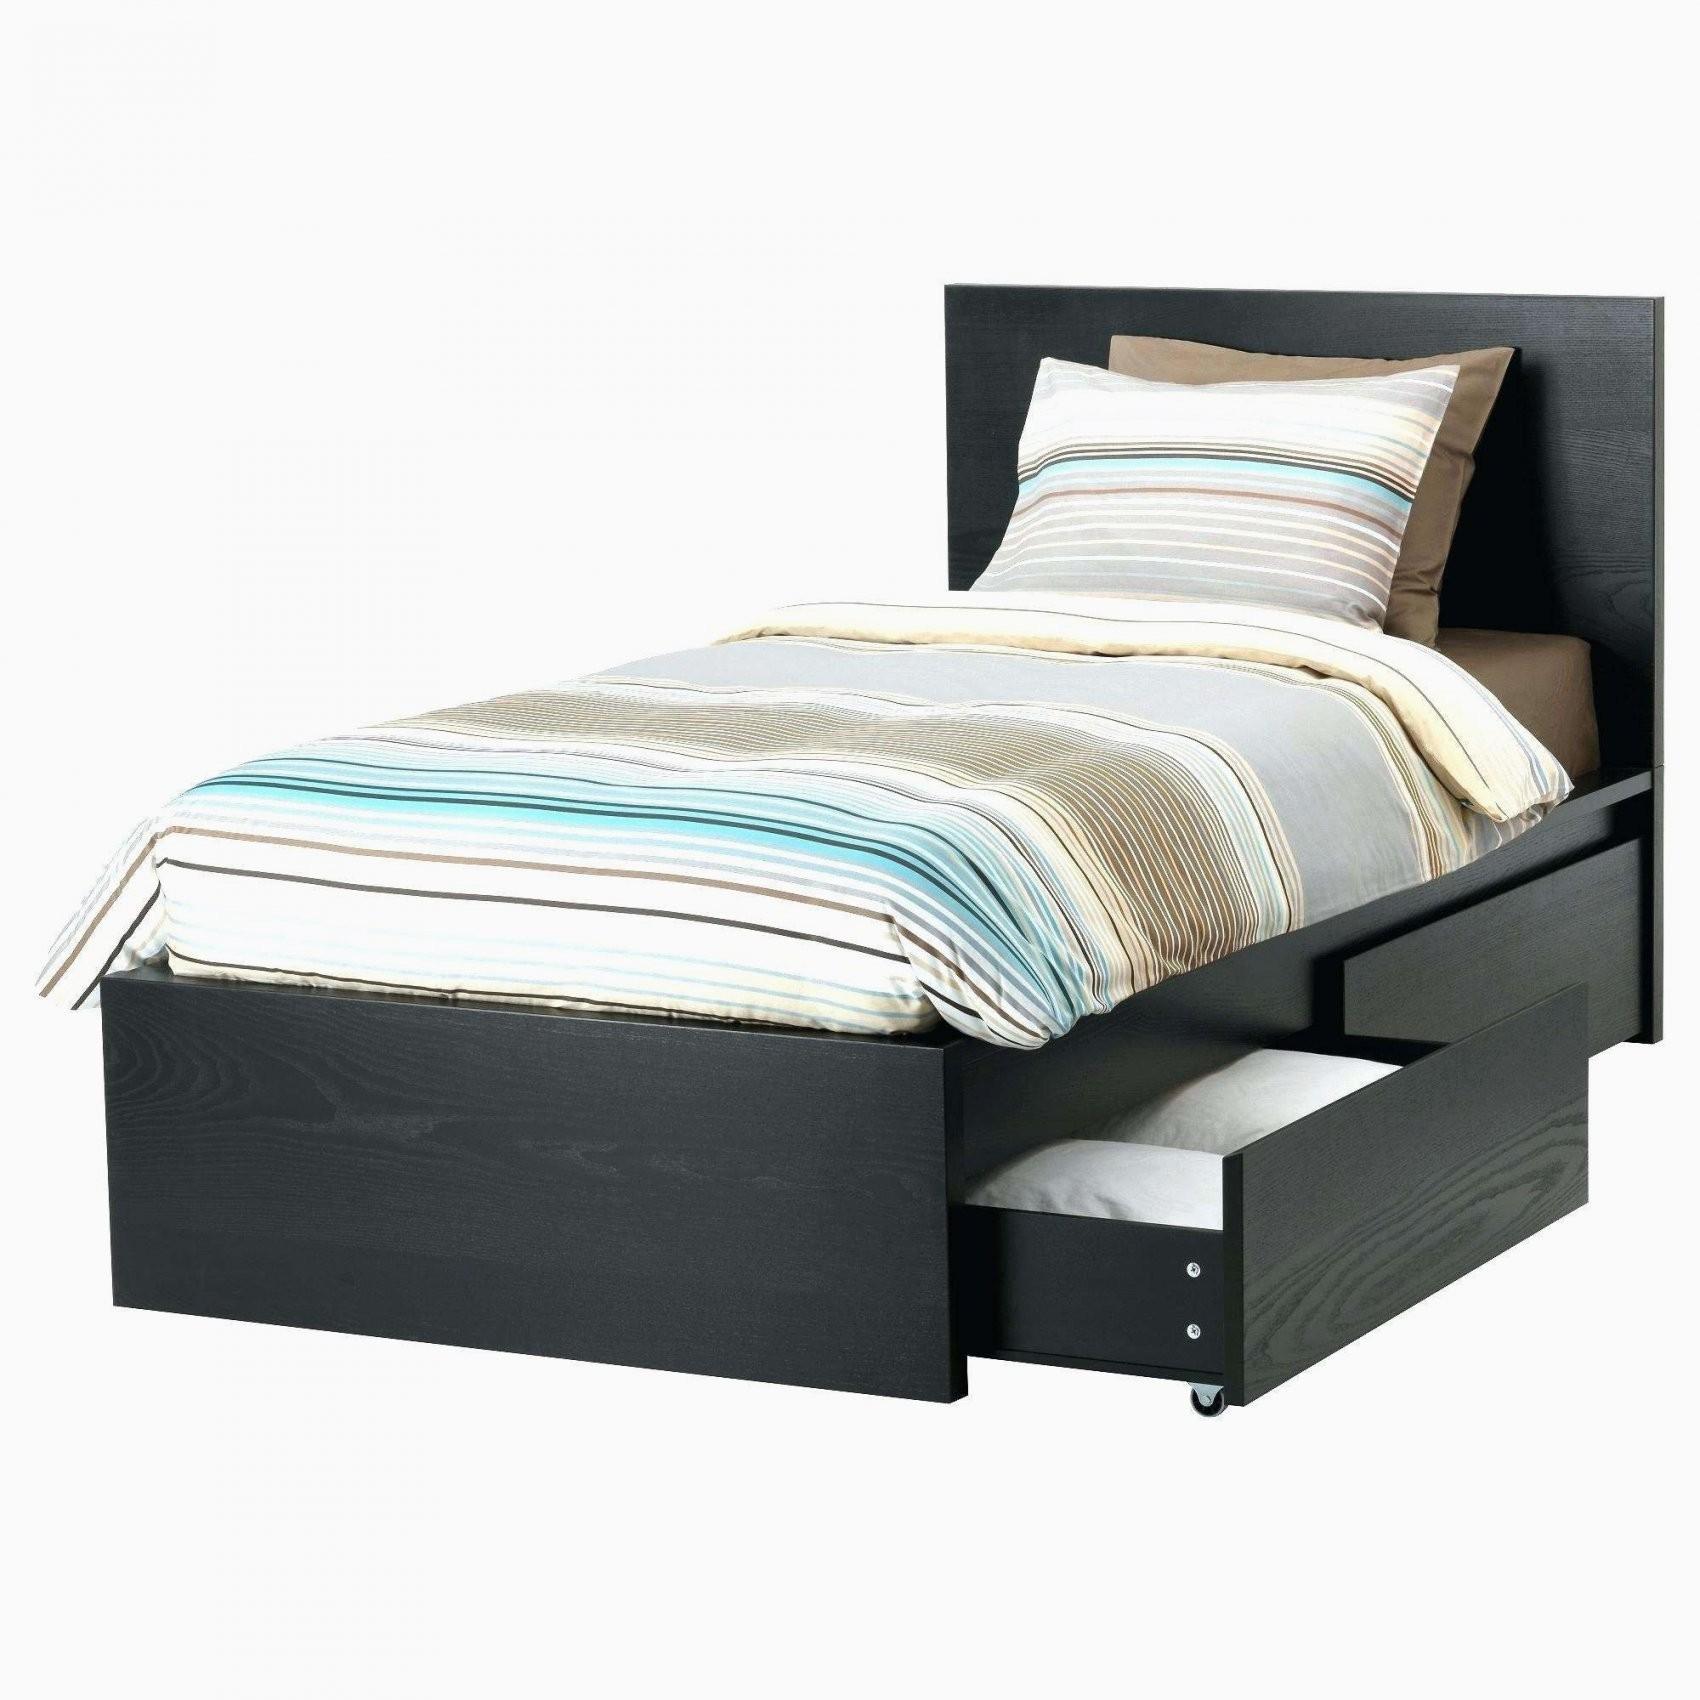 Bett 120X200 Gebraucht Inspirierend Bettkasten 120—200 Elegant Bett von Bett 120X200 Gebraucht Photo